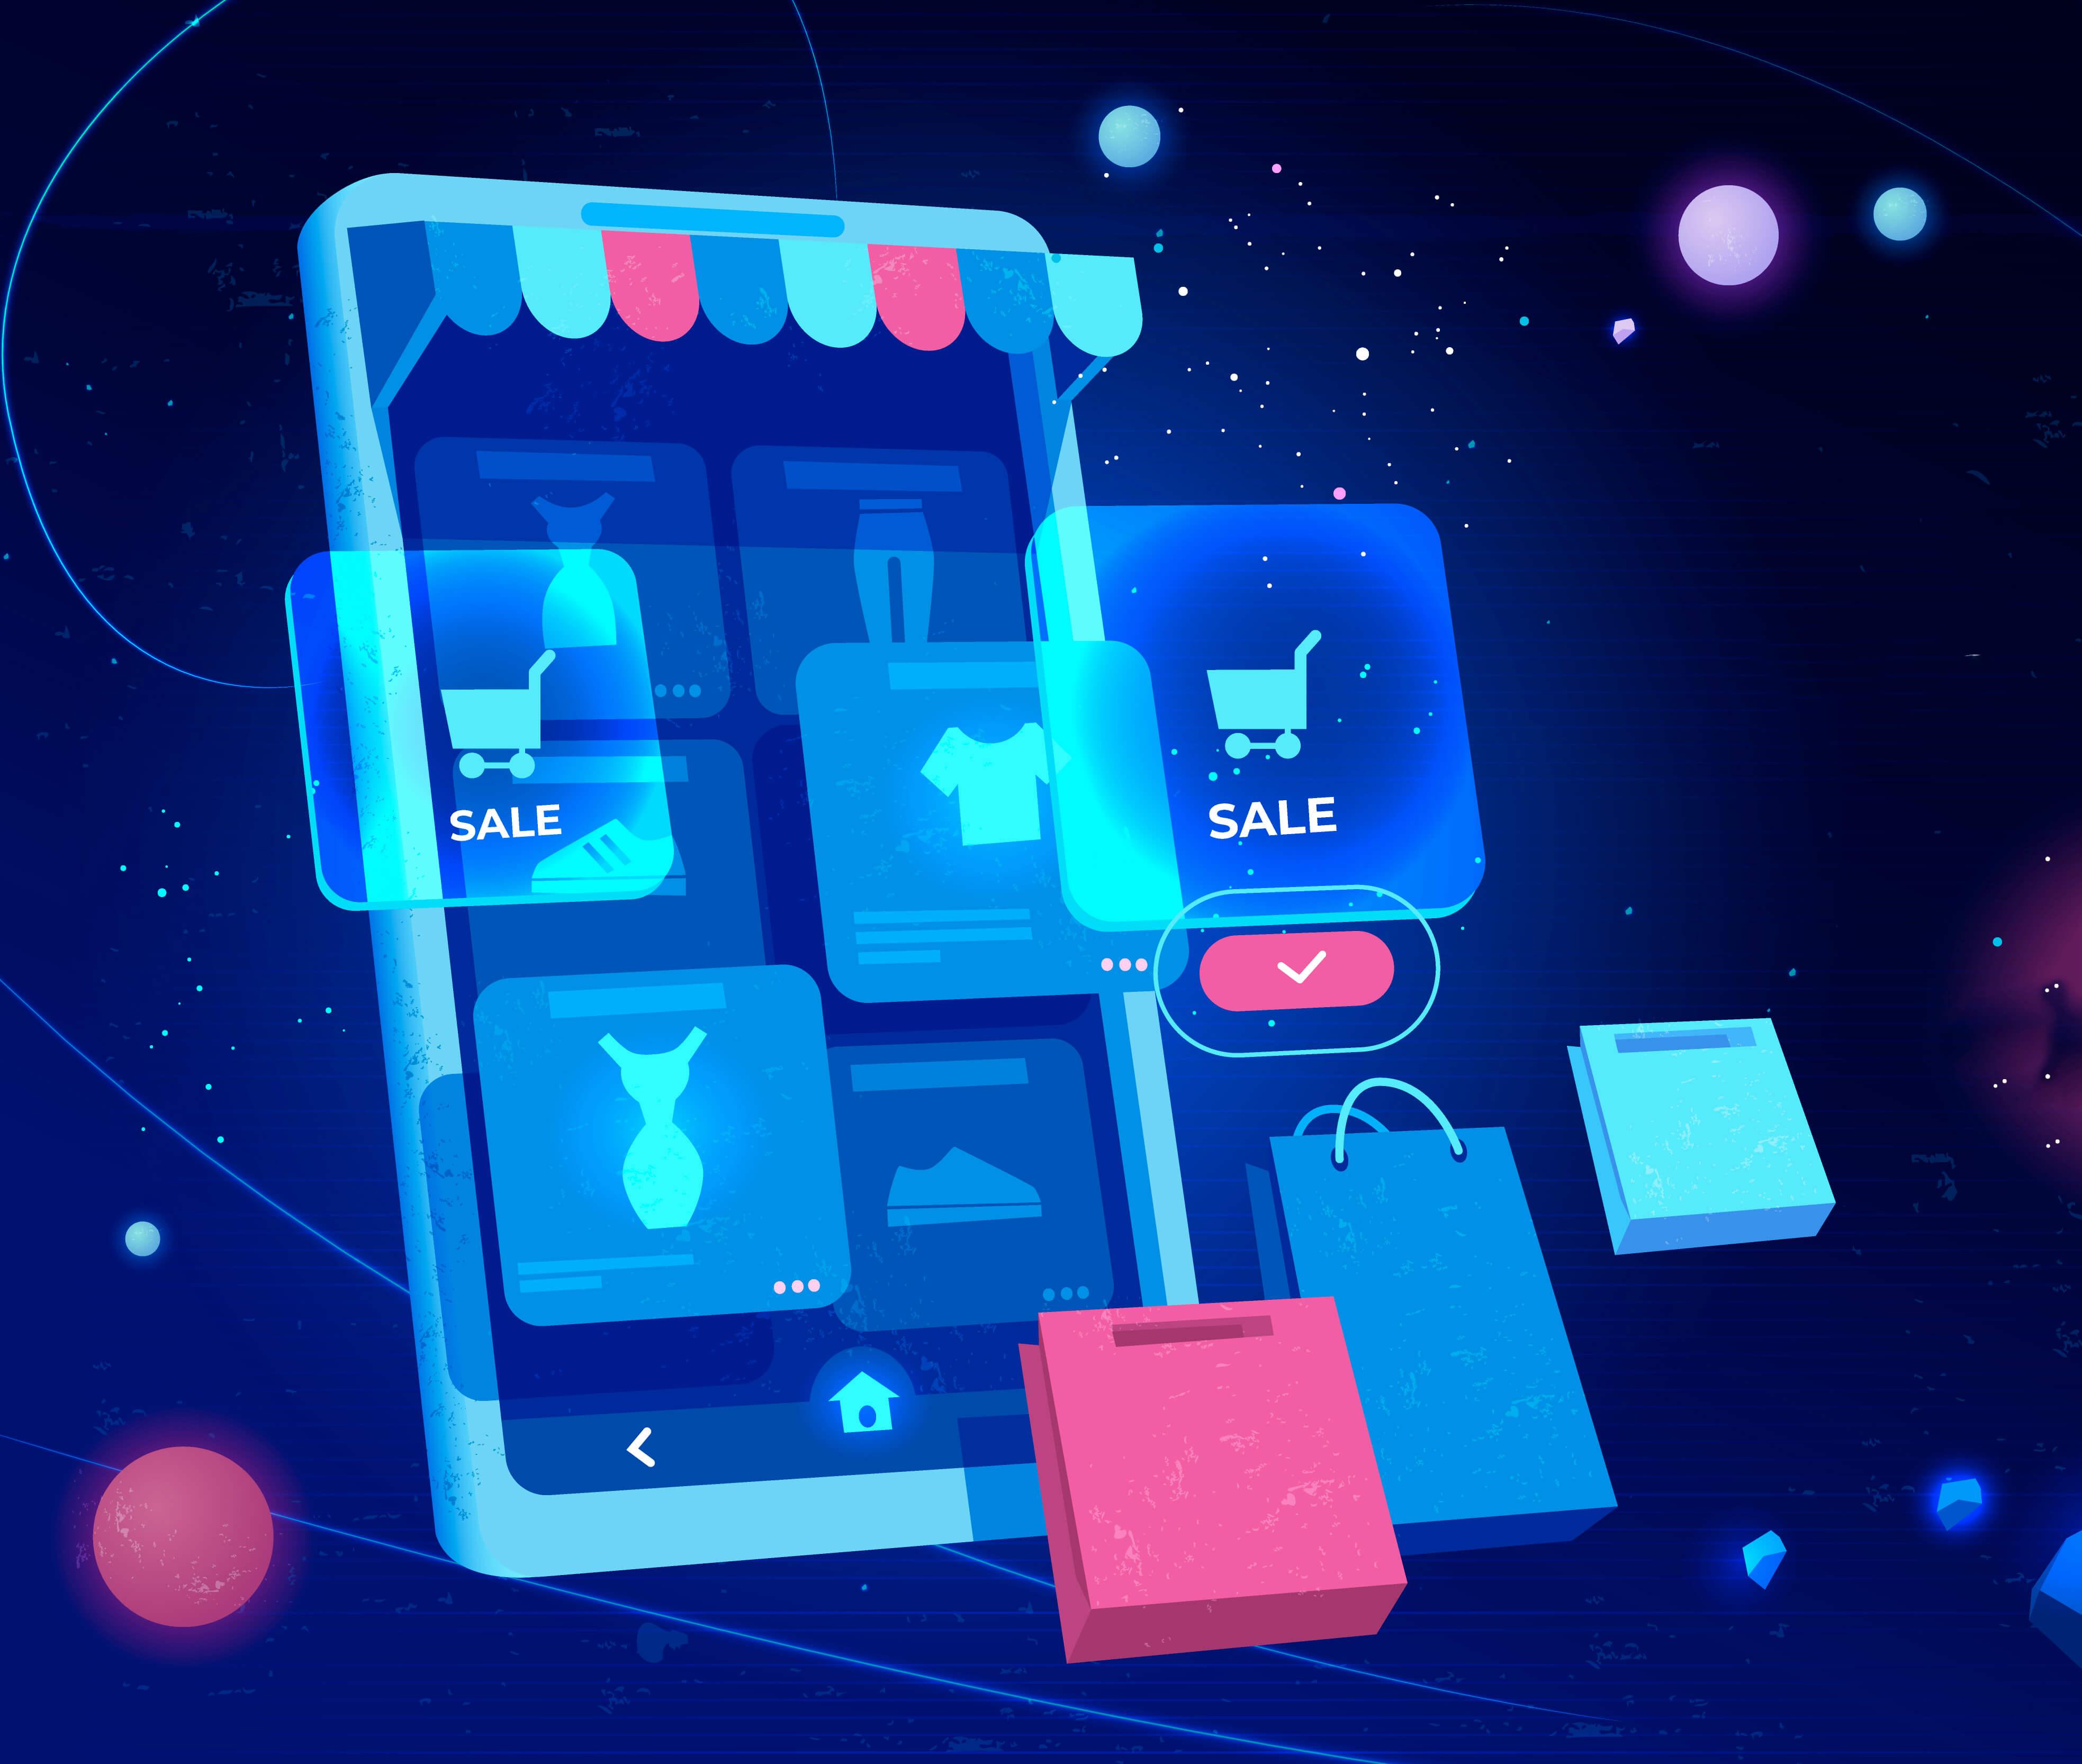 ¿Cómo-funciona-Shopify?